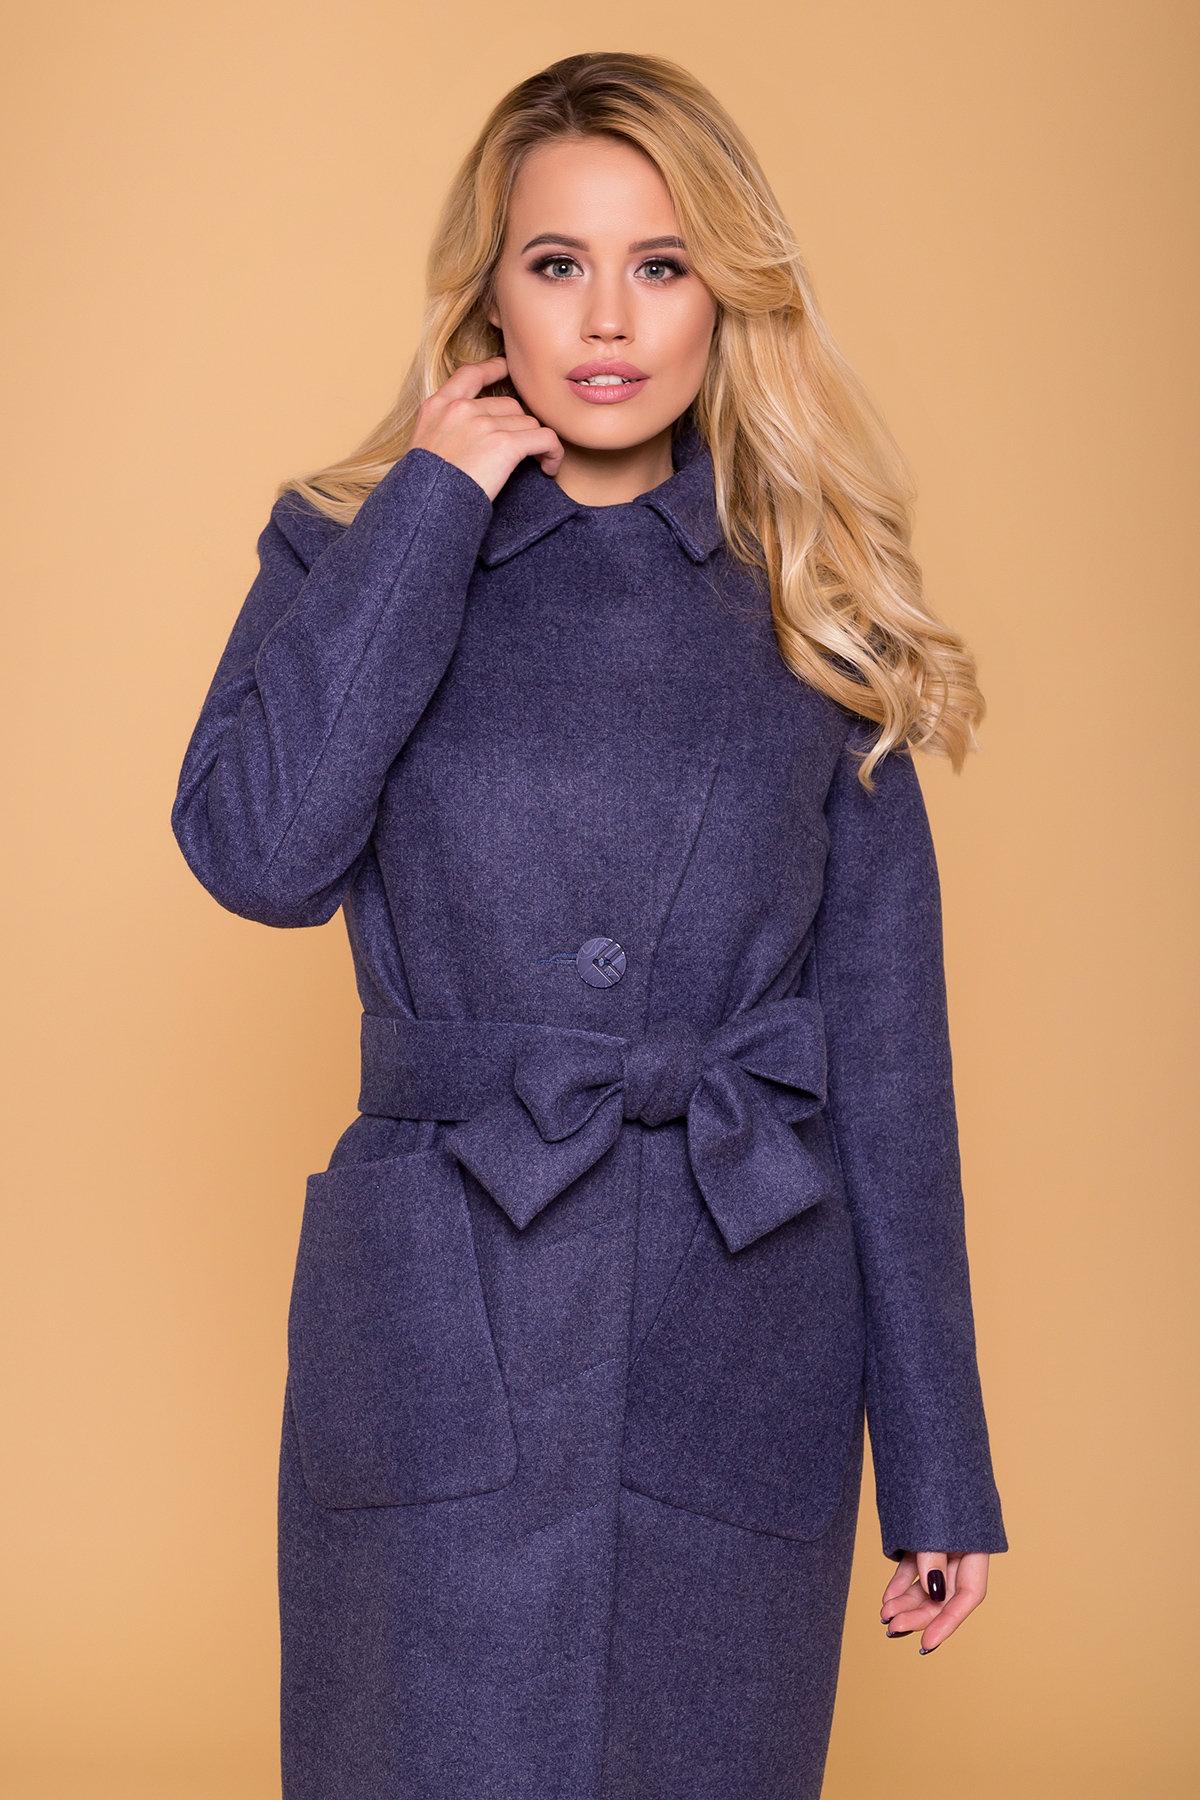 Пальто на весну-осень Габриэлла 4459 АРТ. 37561 Цвет: Джинс - фото 5, интернет магазин tm-modus.ru